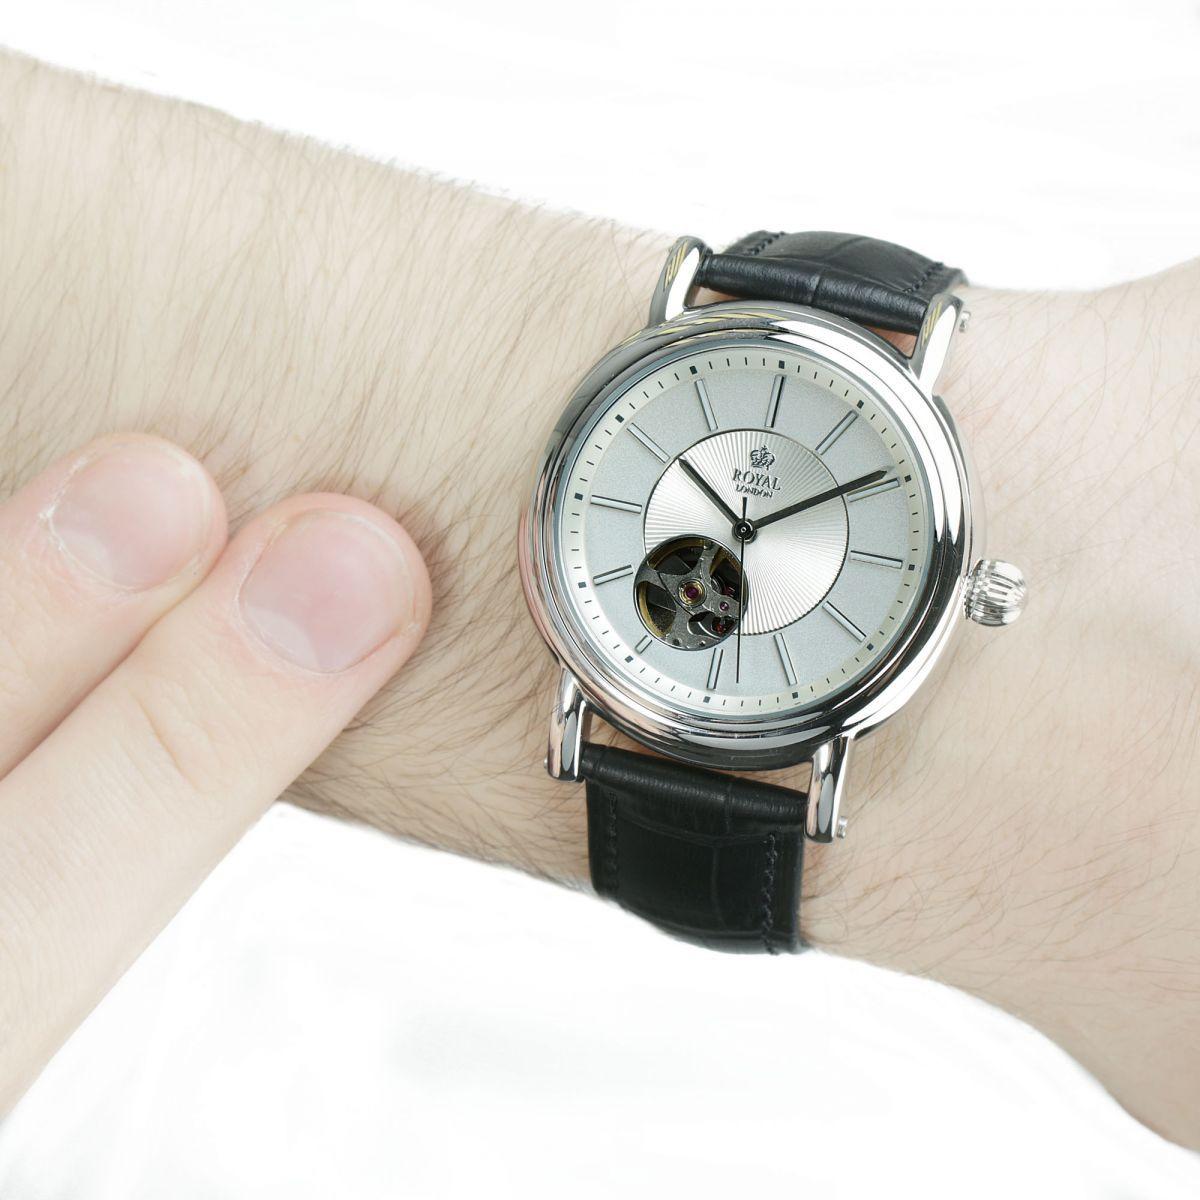 Modela Saat Adli Kullanicinin Royal London Kol Saatleri Panosundaki Pin Erkek Saat Siyah Saatler